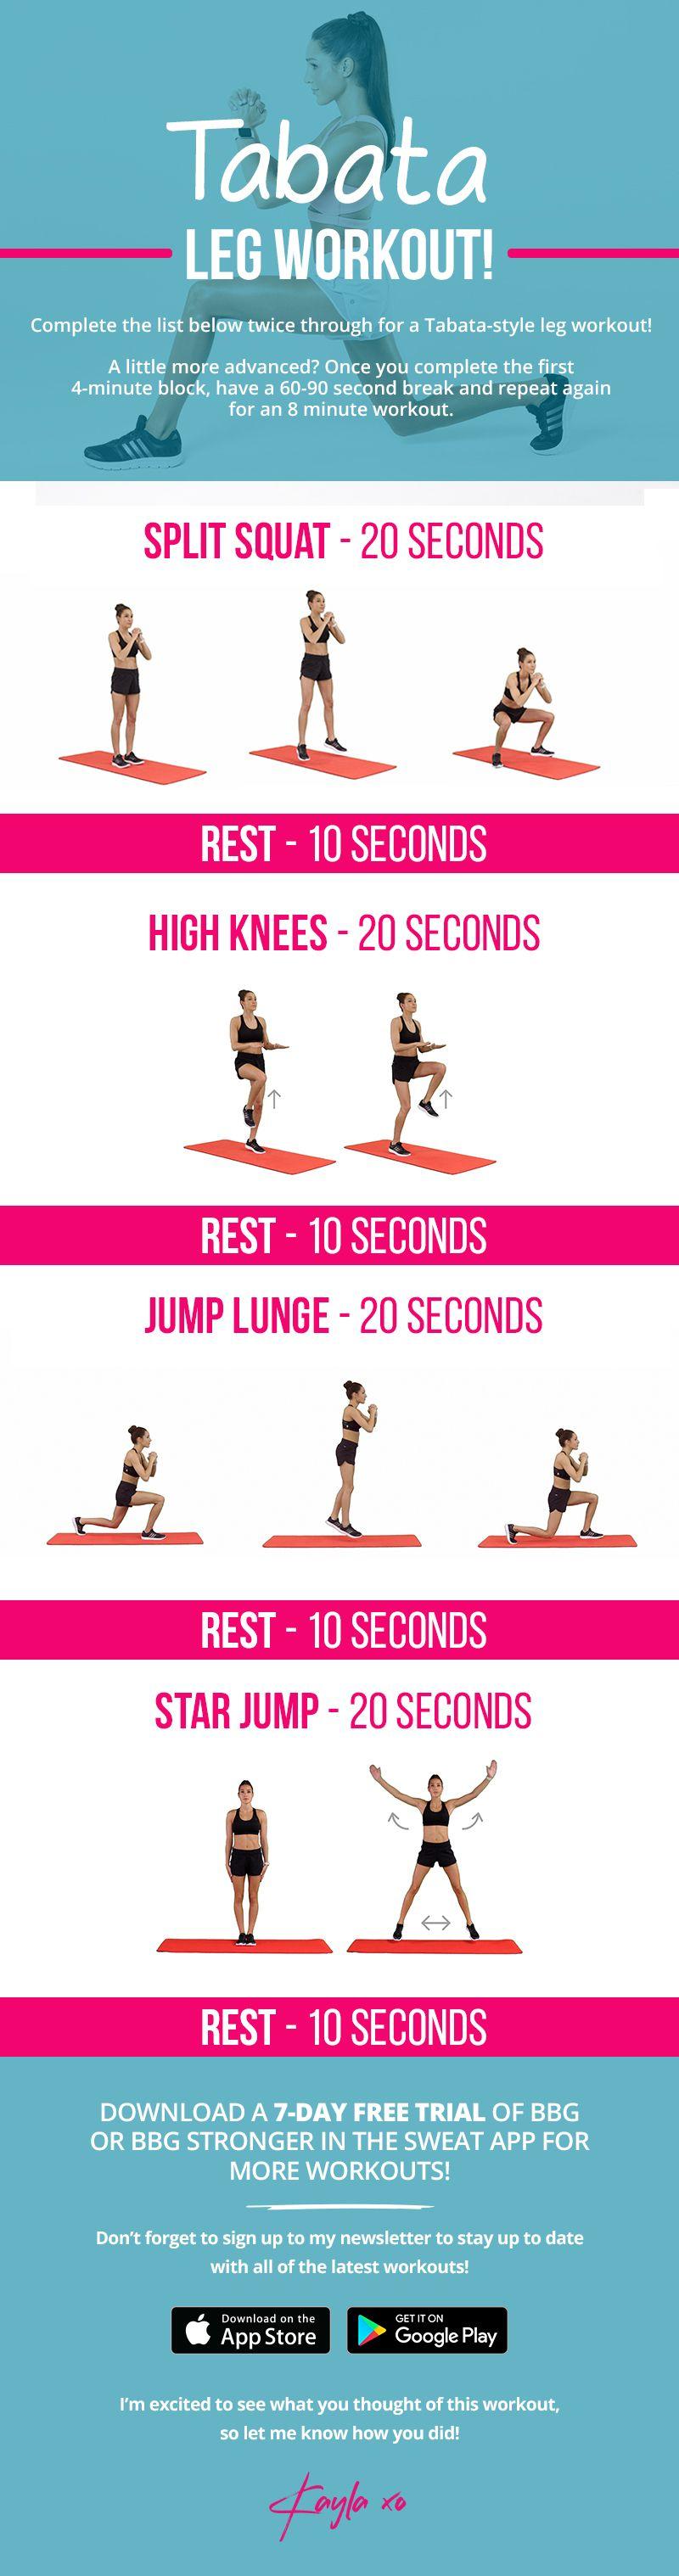 Tabata leg workout by Kayla Itsines